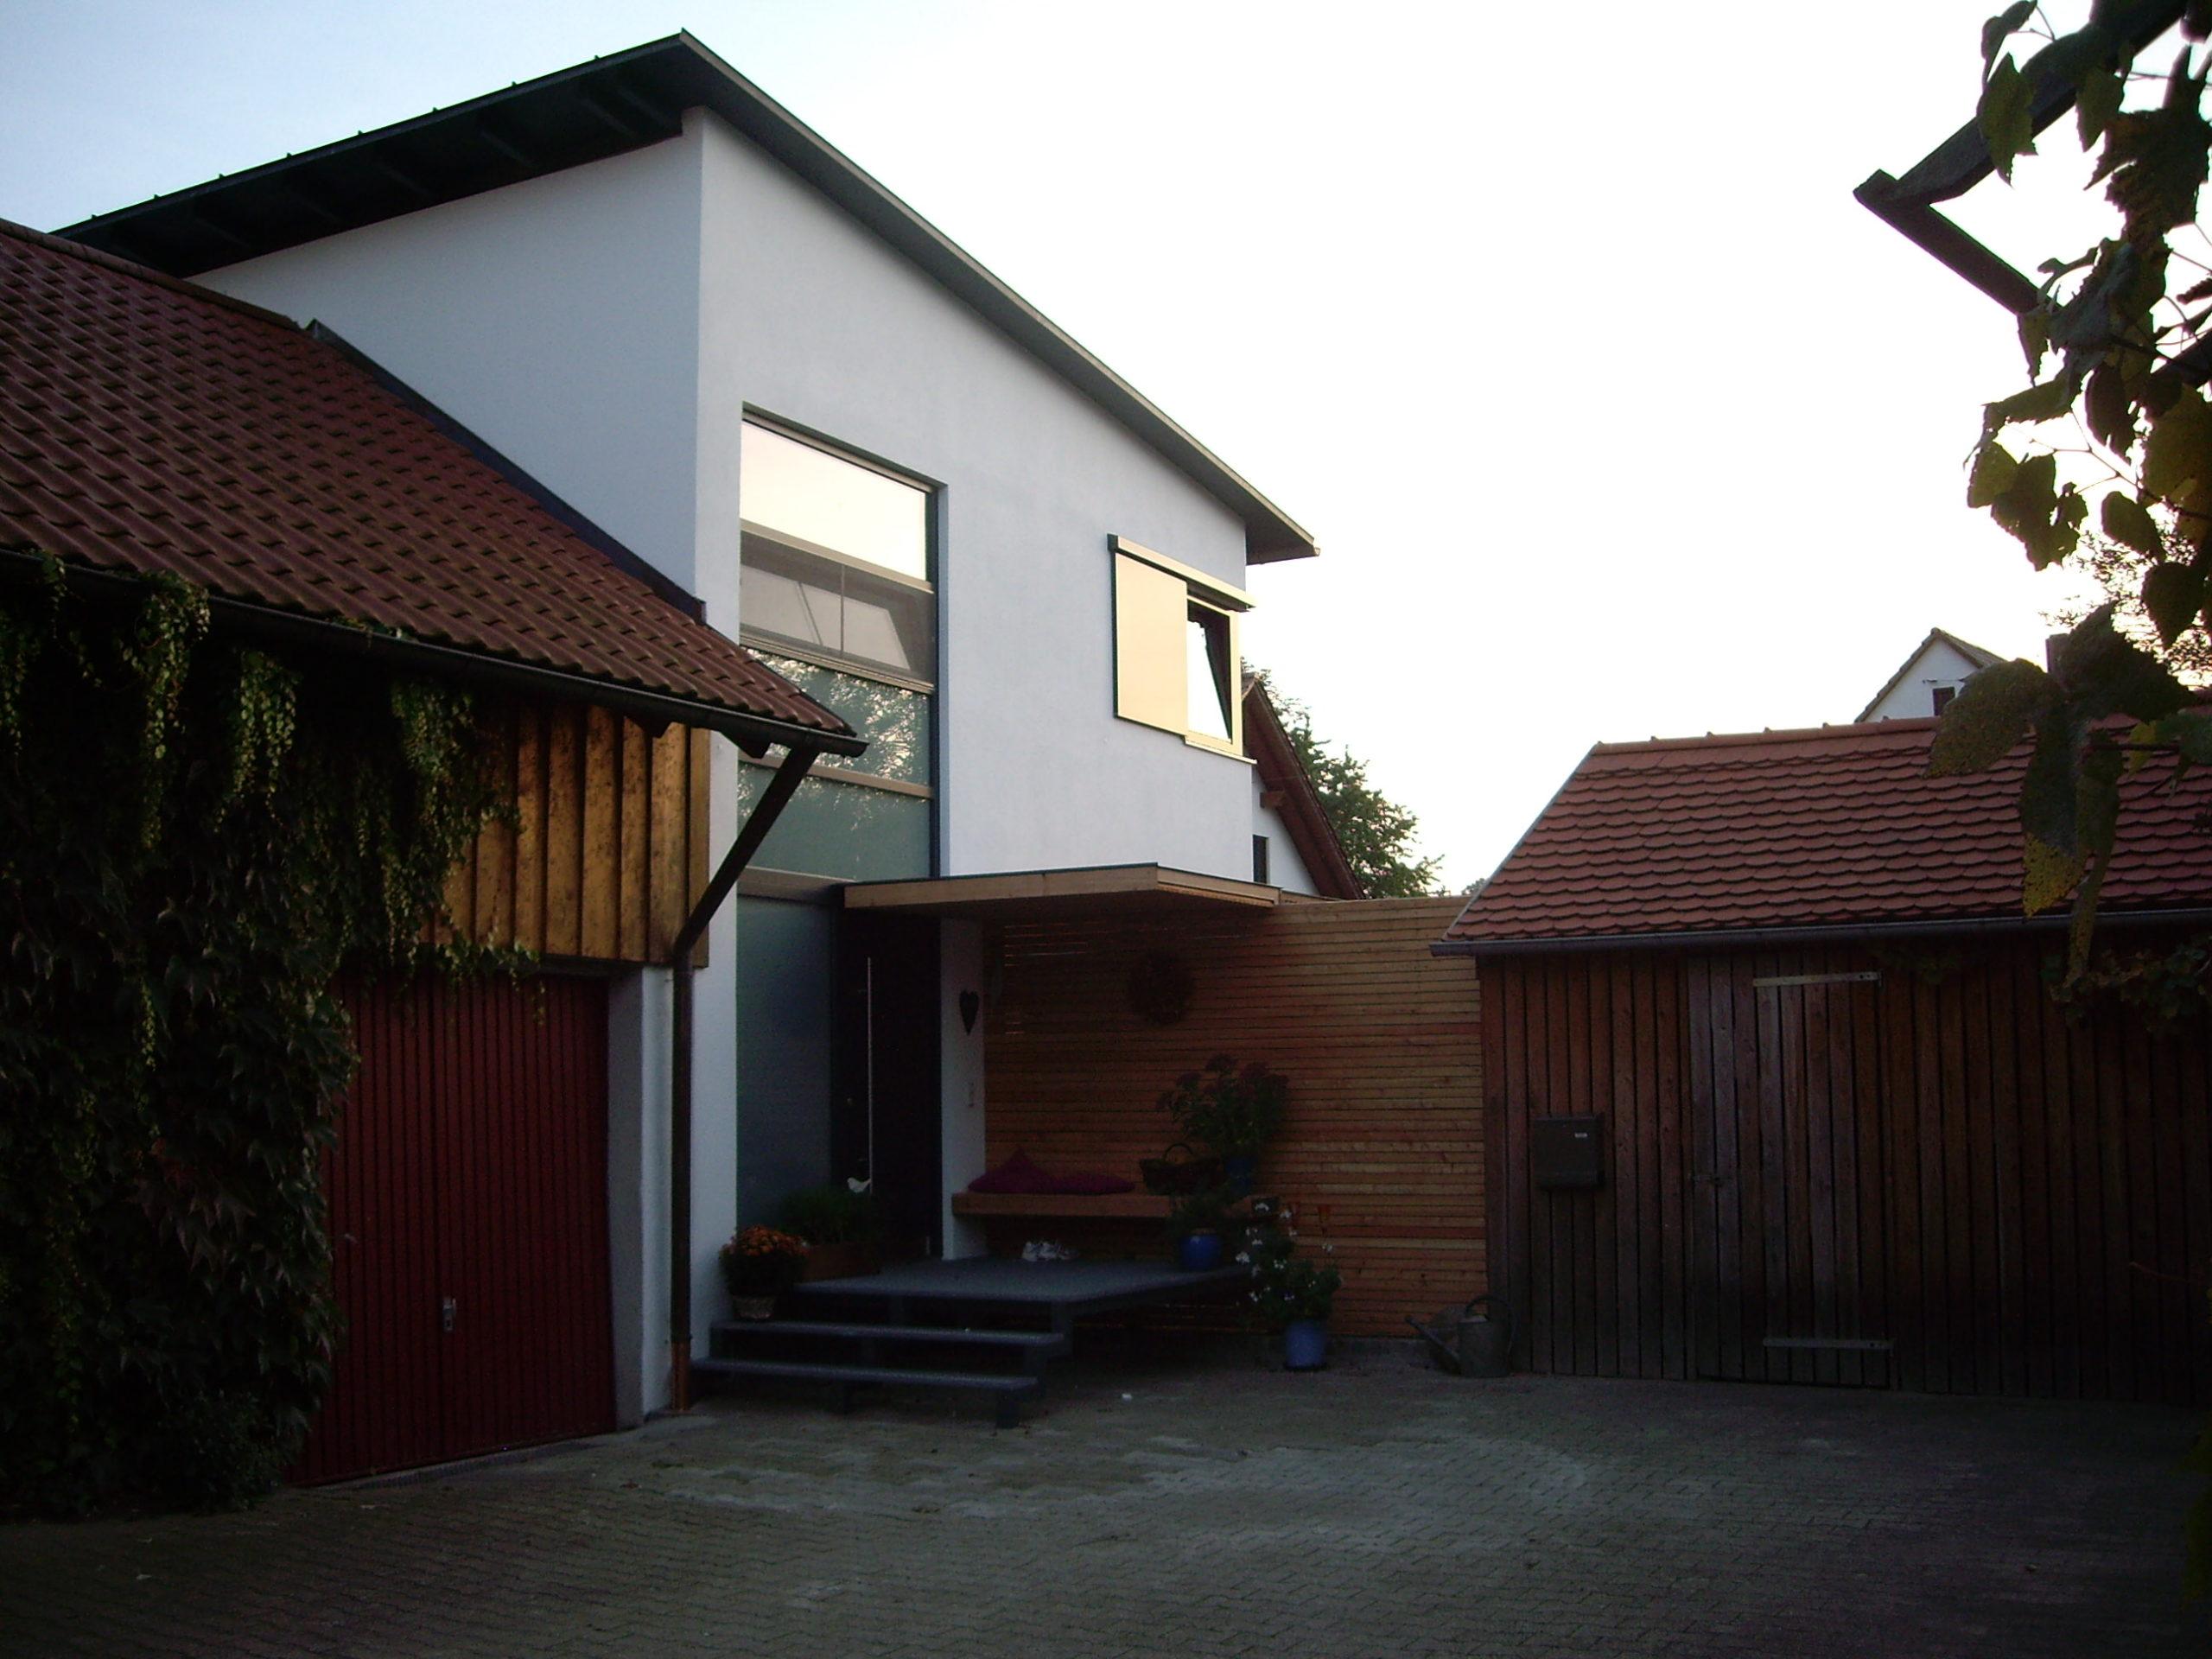 7-Neubau-Wohnhaus-Murr-Bergen-Eingangsbereich